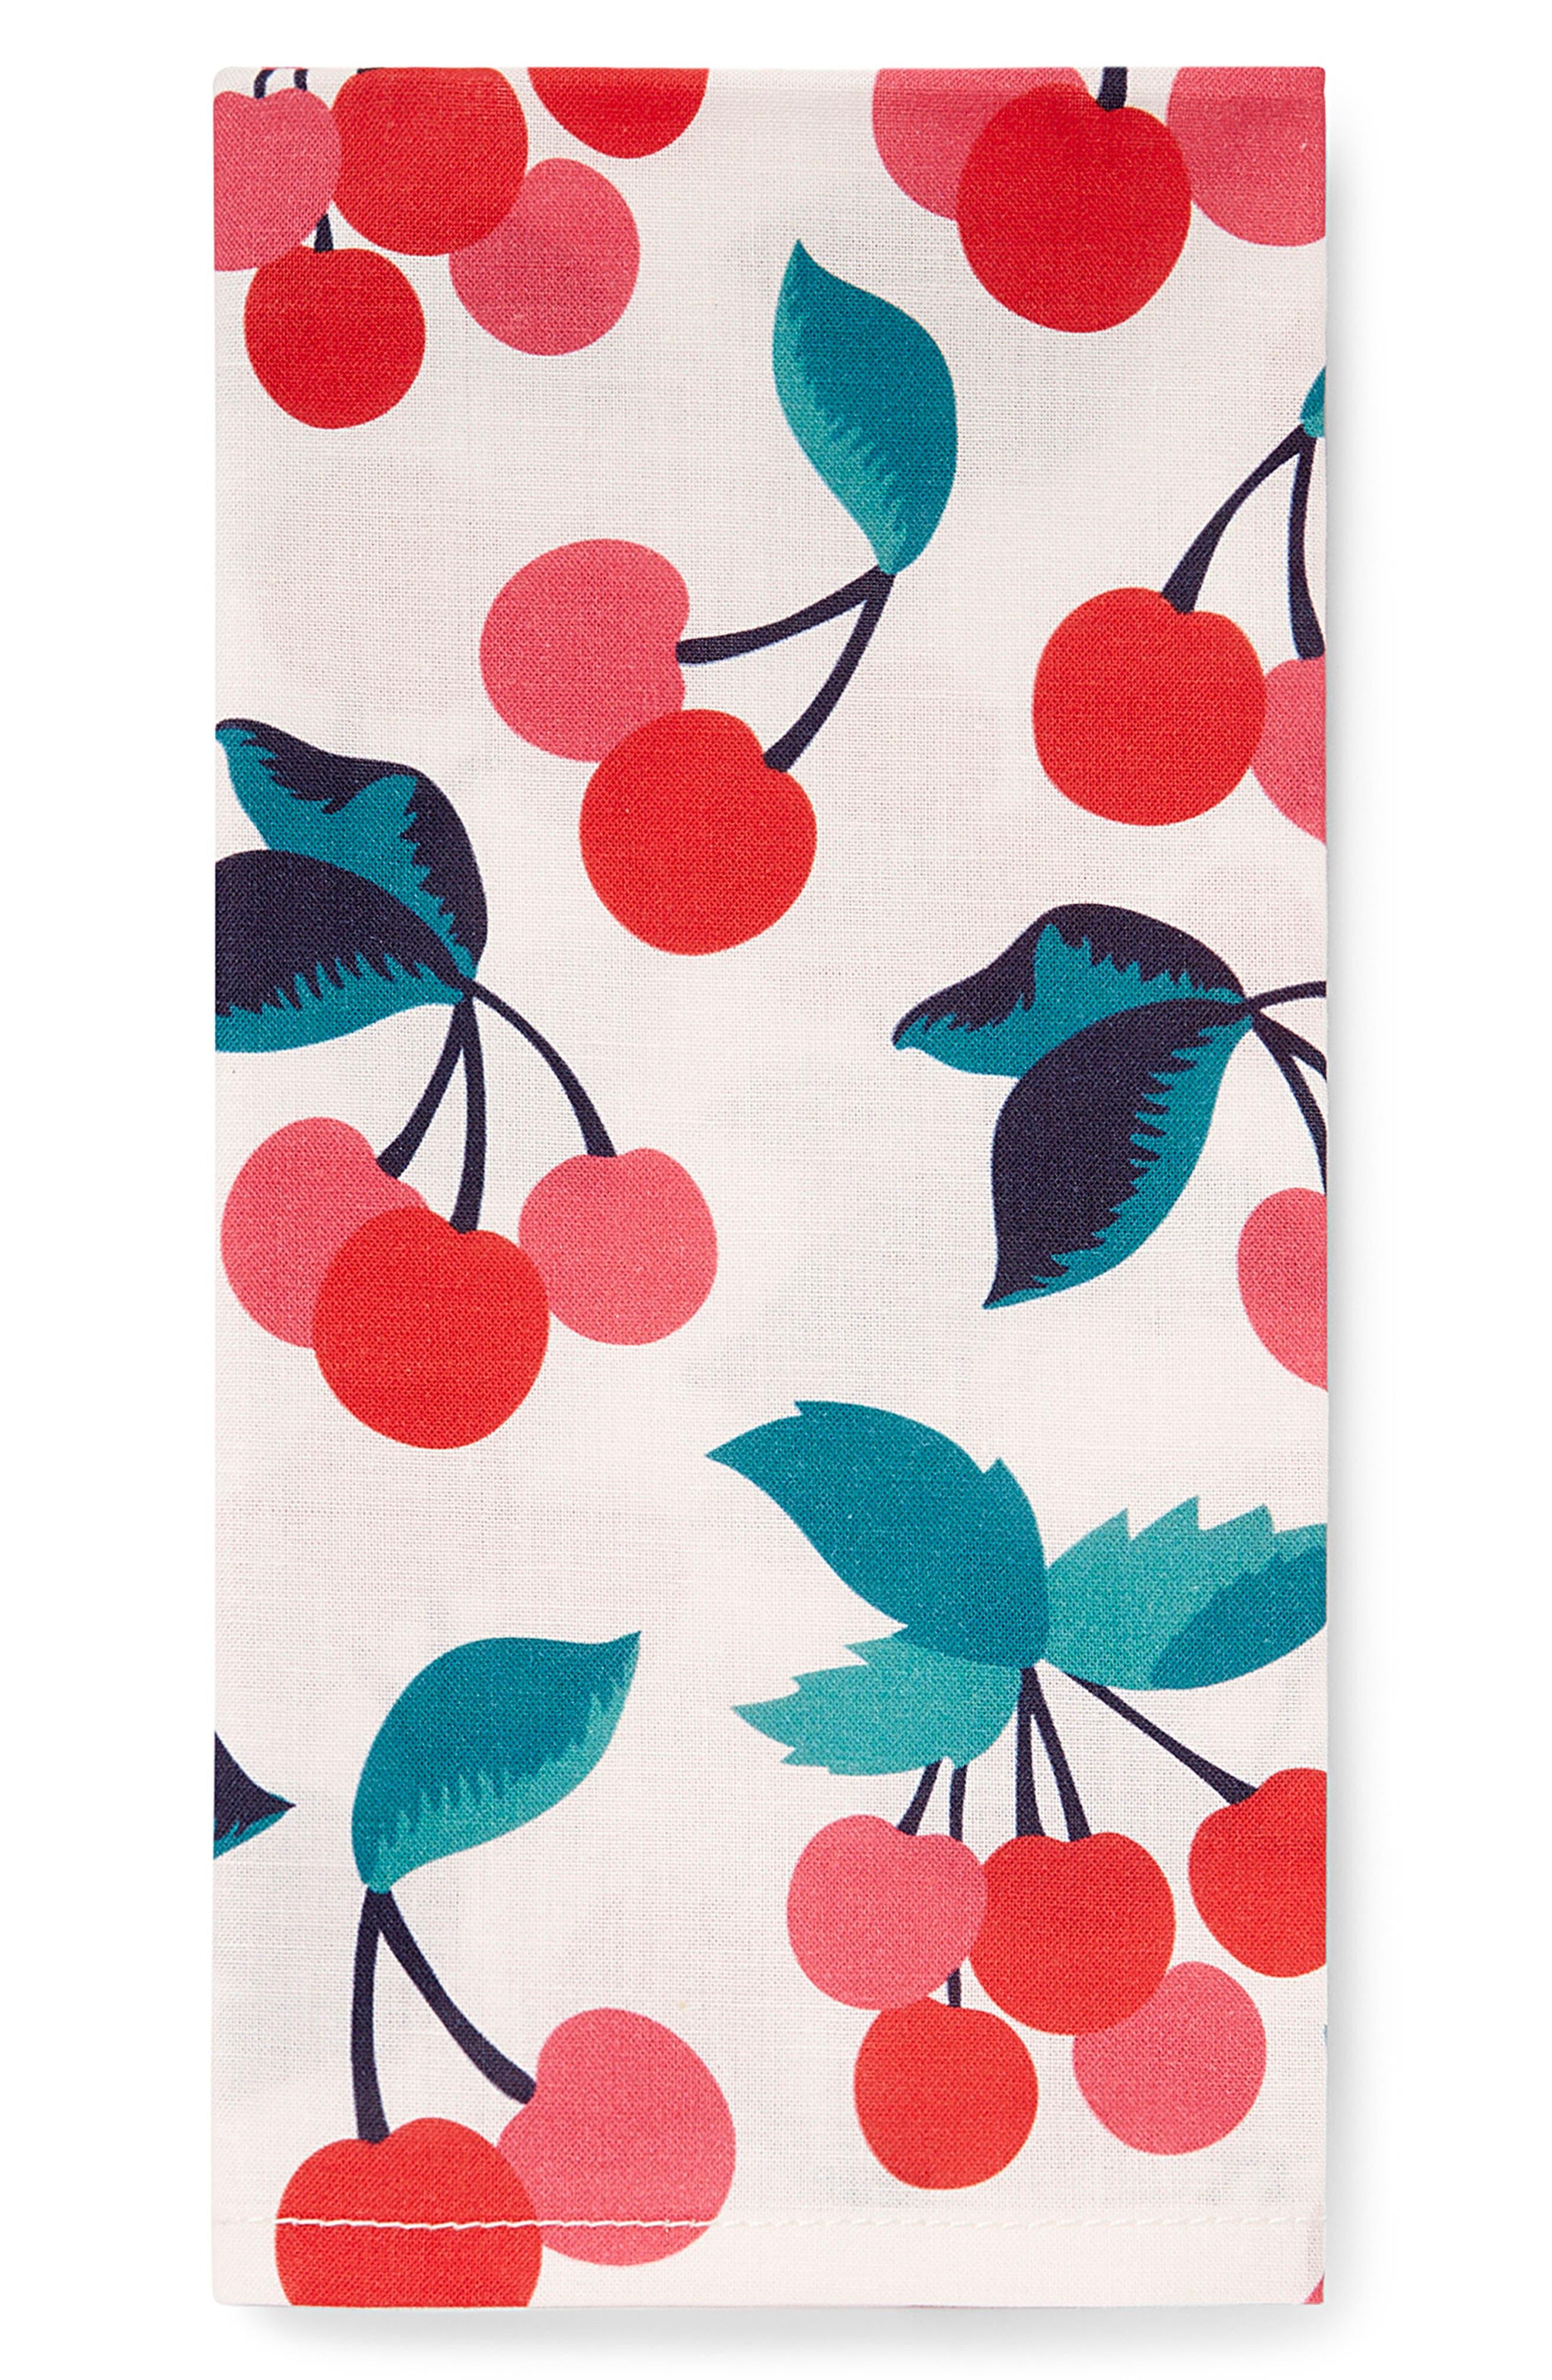 Set of 4 Cherry Print Cloth Napkins,                         Main,                         color, 600